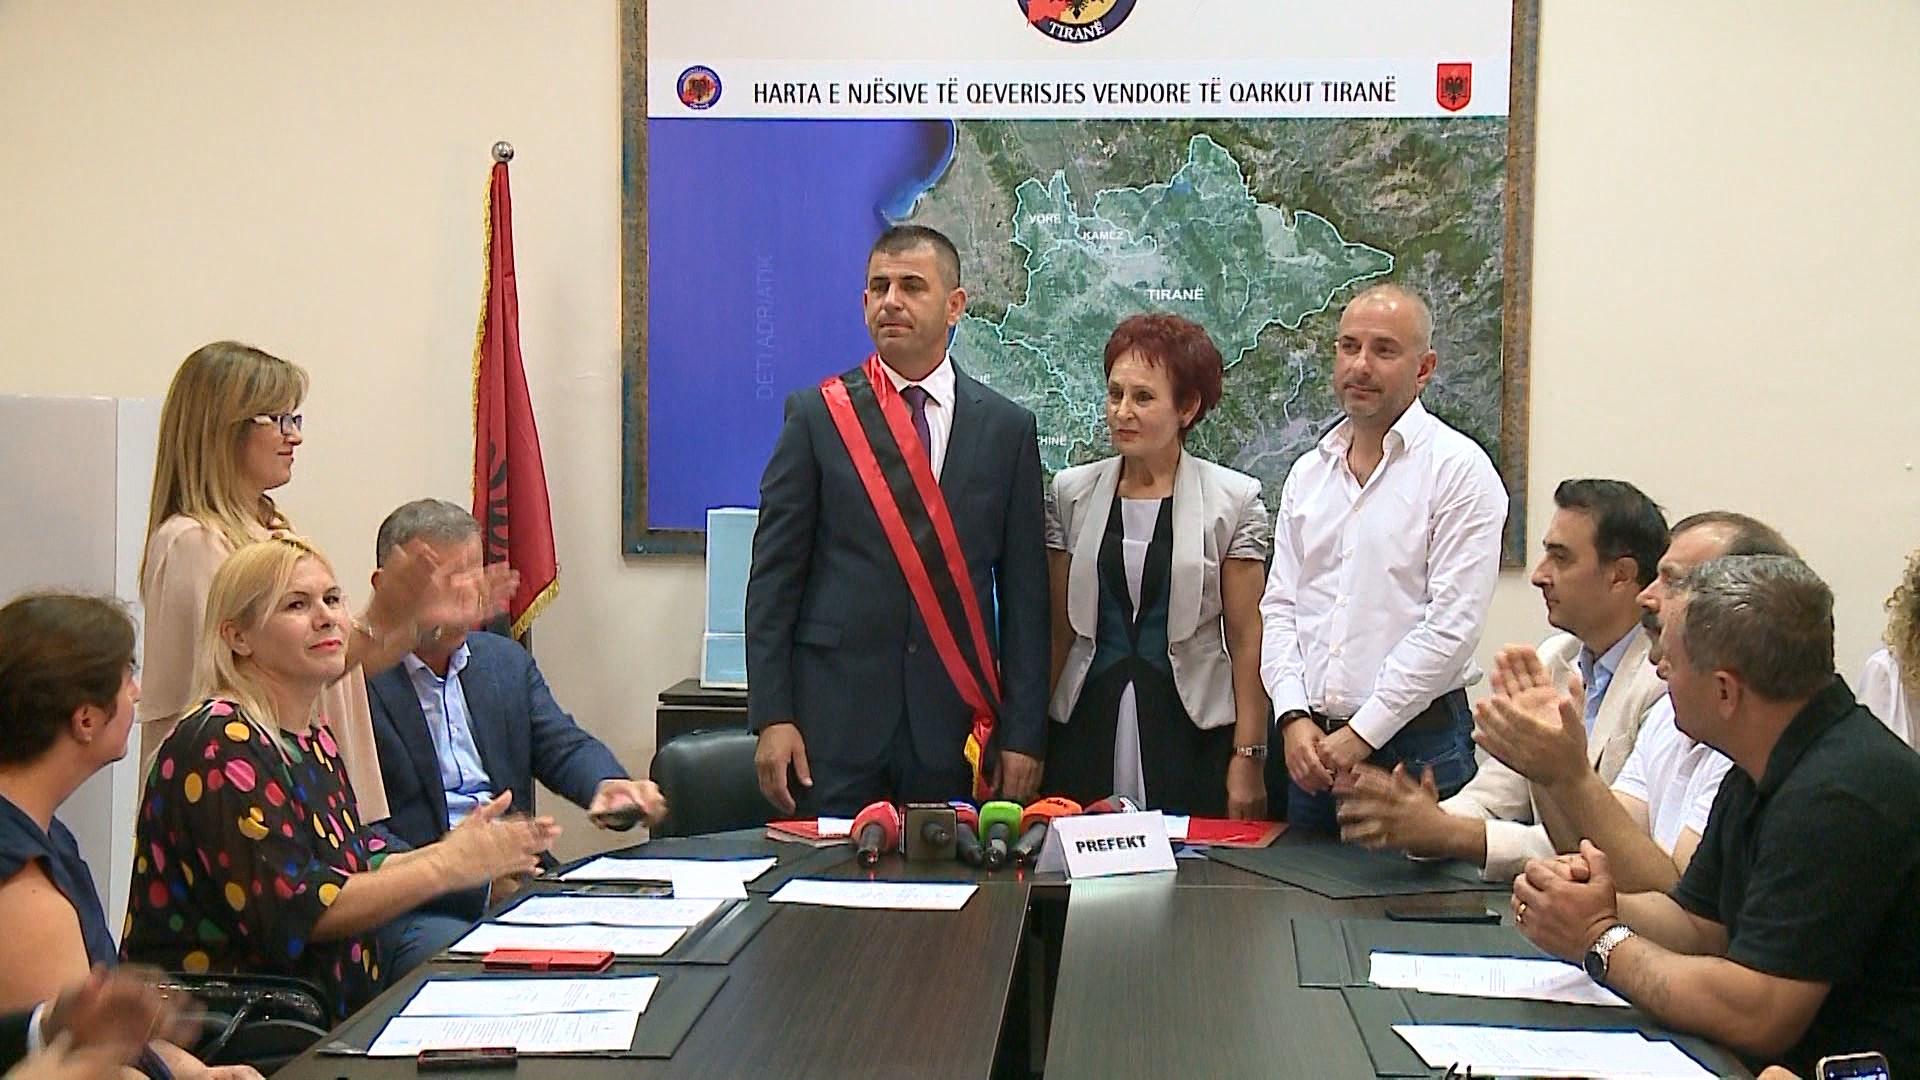 PD kërkesë Prokurorisë: Kryebashkiaku i Vorës subjekt i ligjit të dekriminalizimit